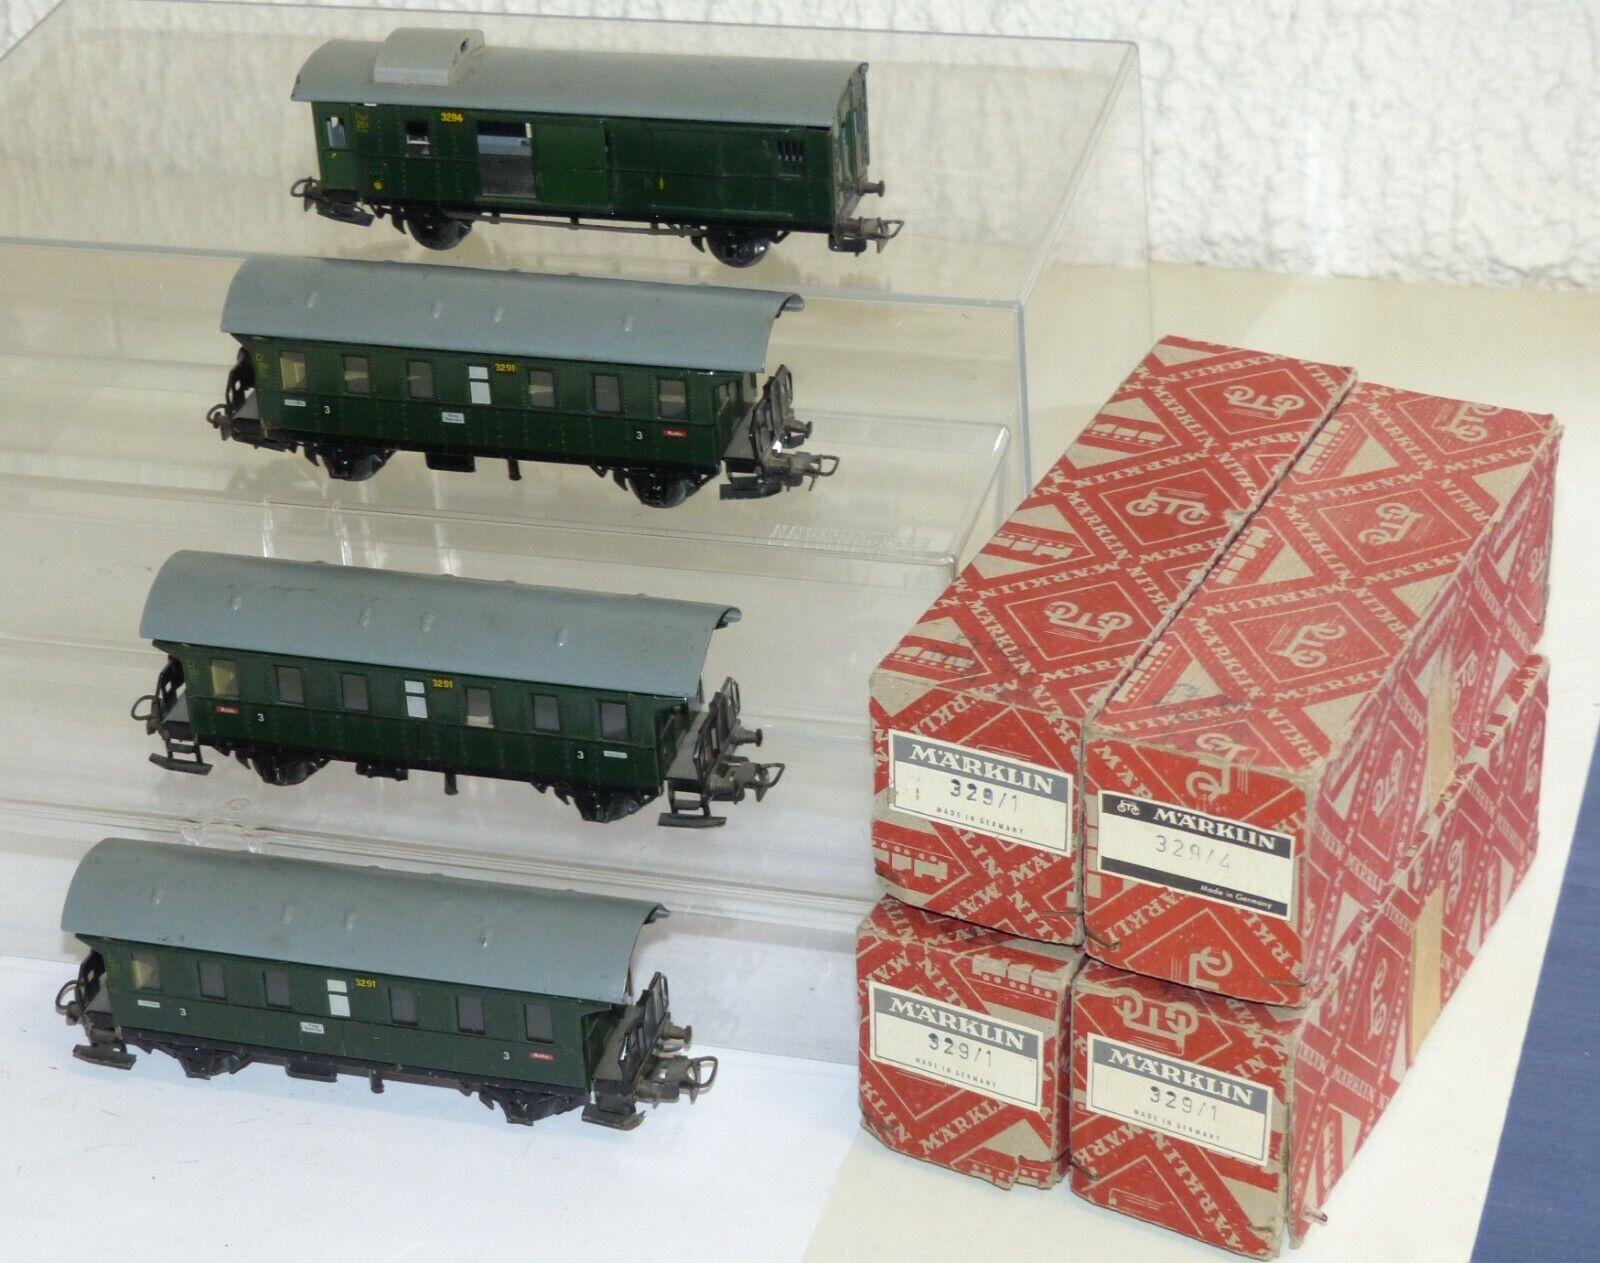 4x vieja Märklin vehículos implicados  3x 329 1 3291 y 329 4 3294 h0 de chapa OVP